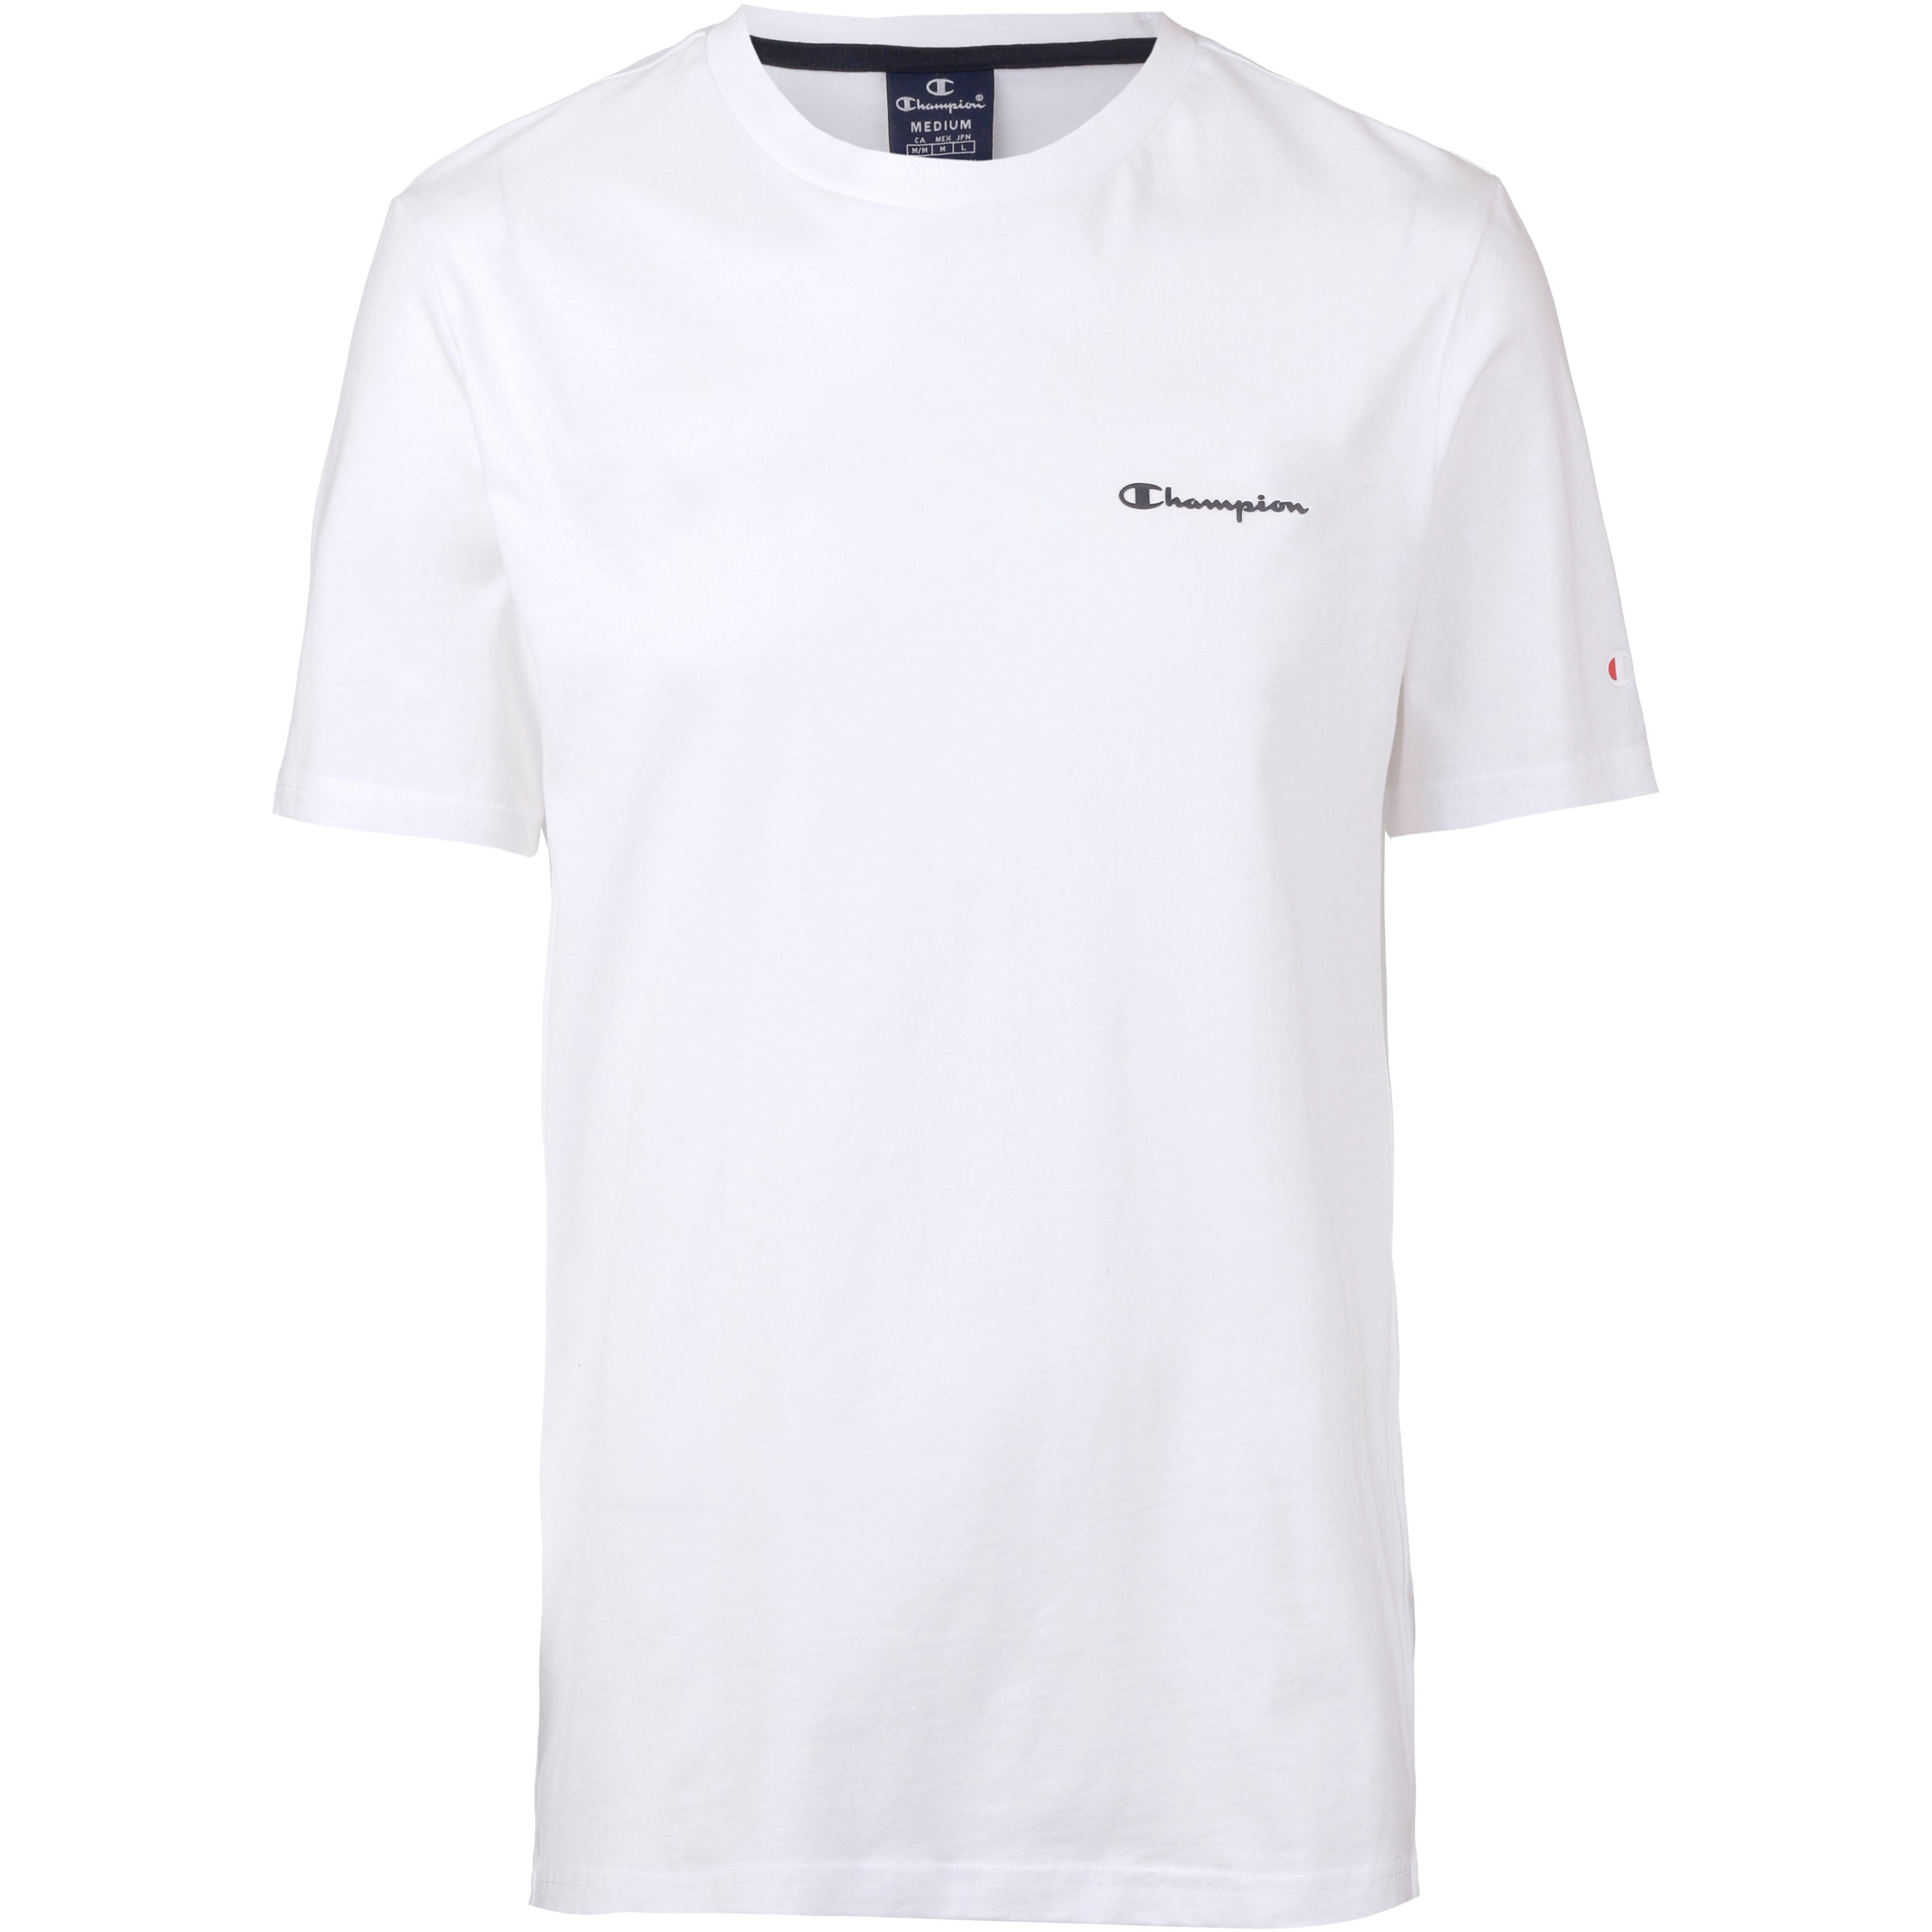 Champion Sportscheck Von White Im Shirt Herren T Shop Online Kaufen aqwBpa